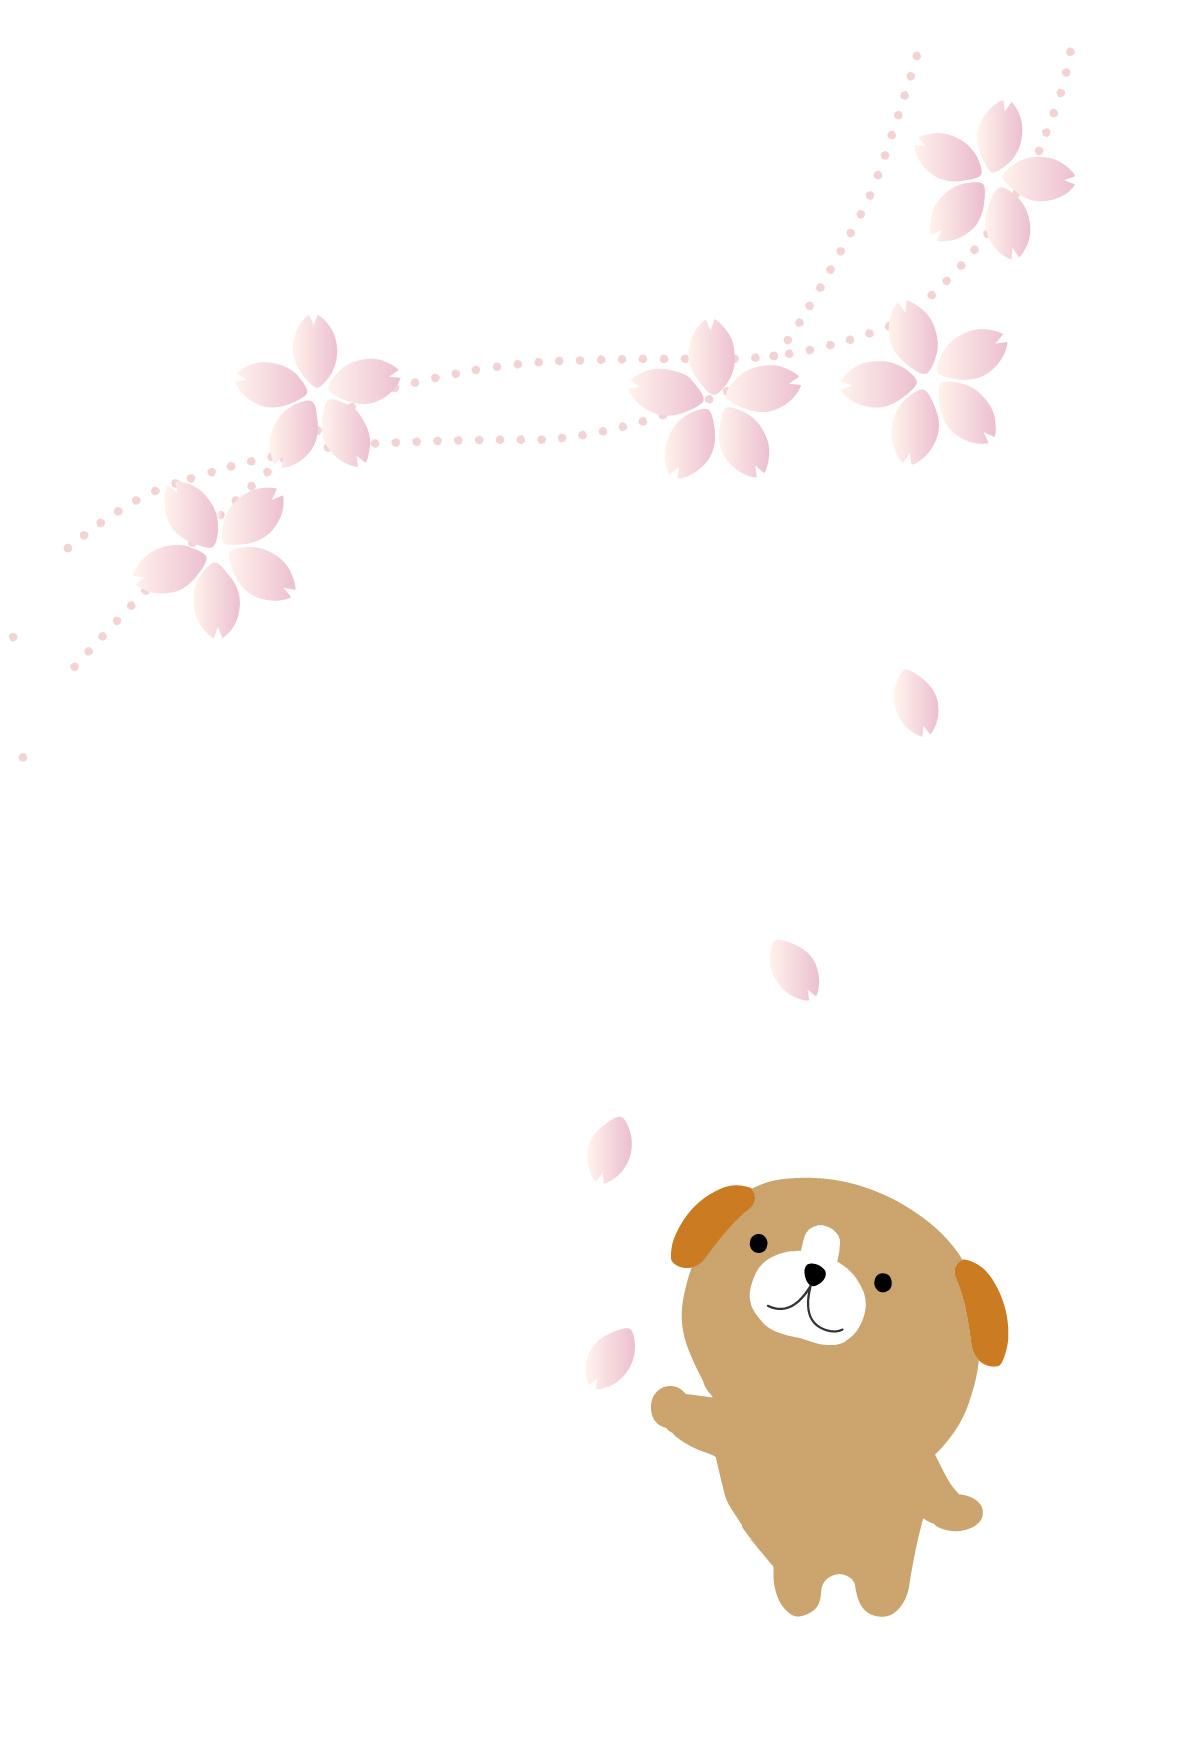 桜のイラスト・春の挨拶状/無料はがき素材